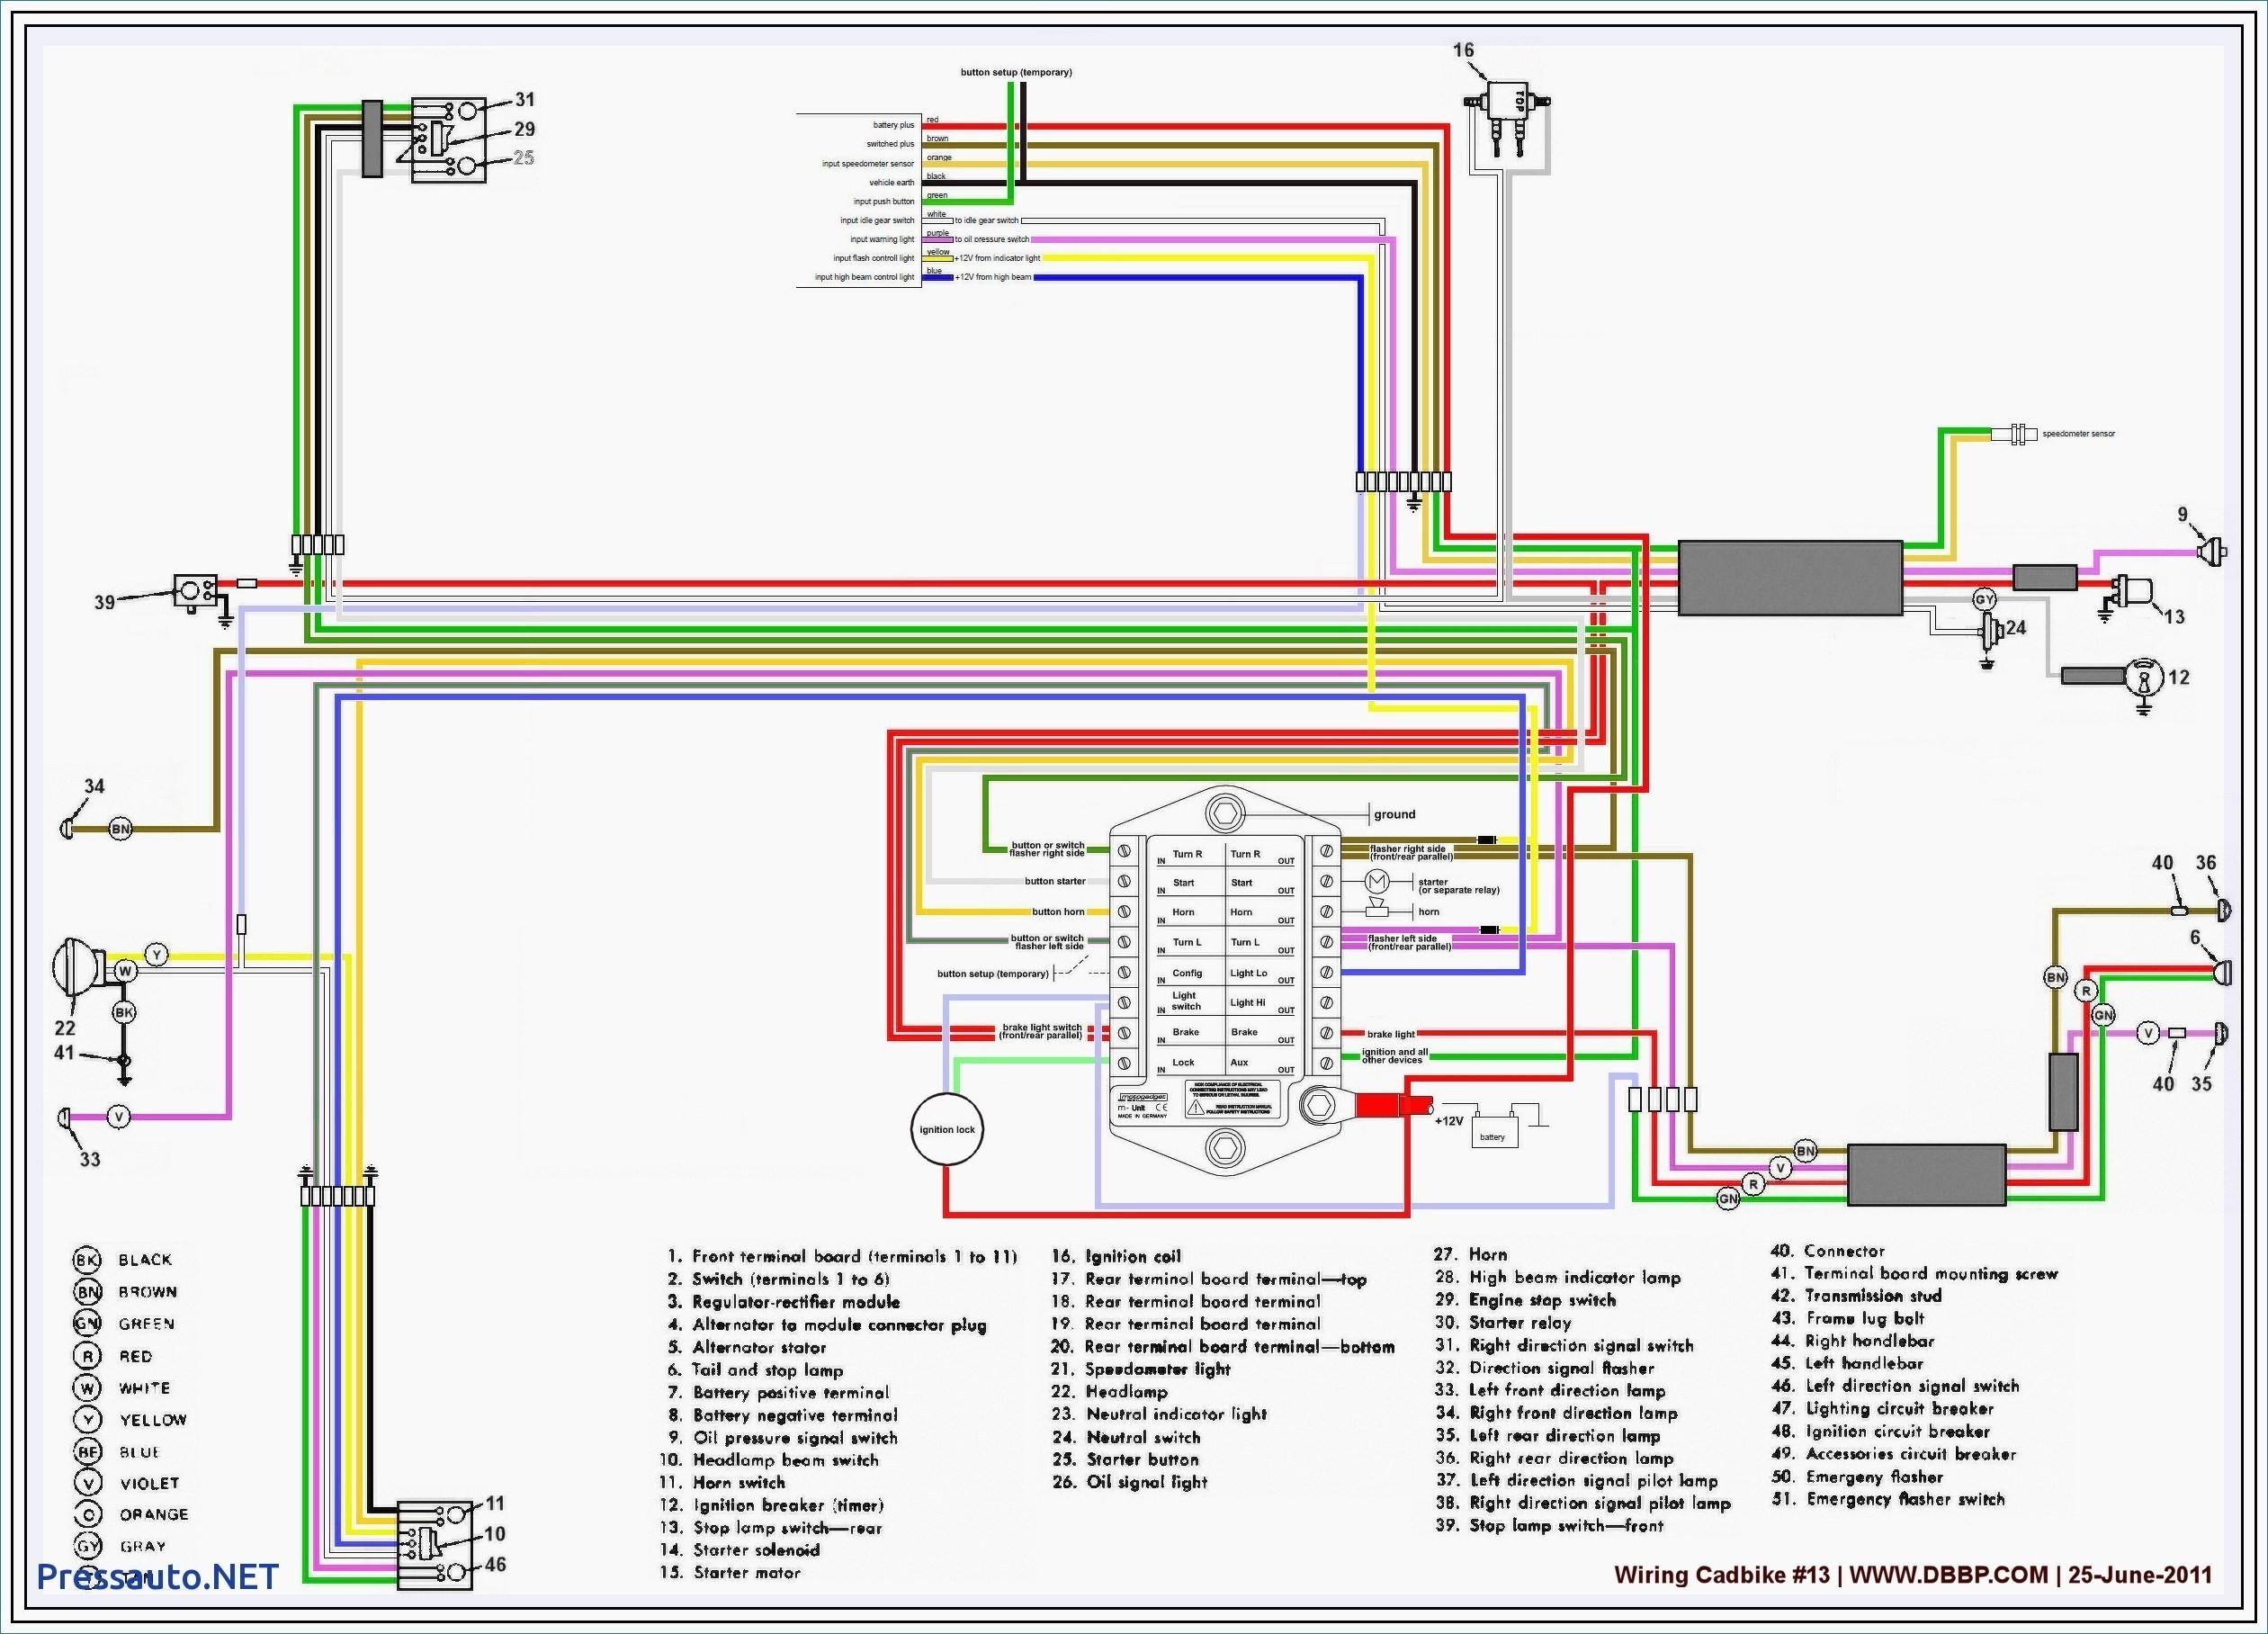 alternator warning light wiring diagram vd 2045  alternator warning light wiring diagram free download  alternator warning light wiring diagram